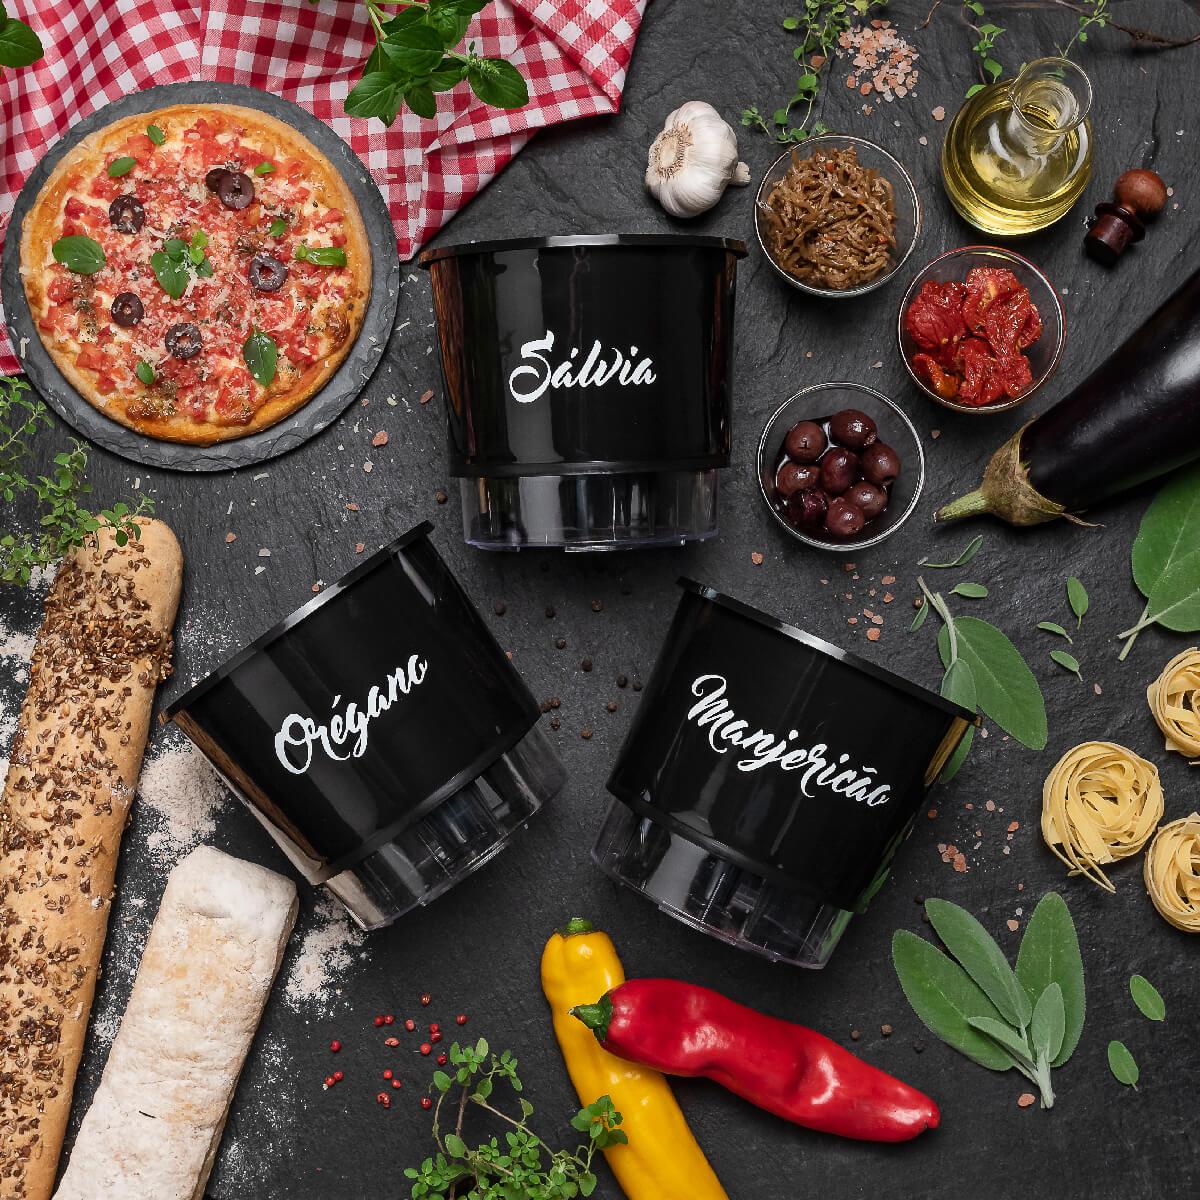 Kit Plantio Completo Gourmet Itália  - Loja Raiz